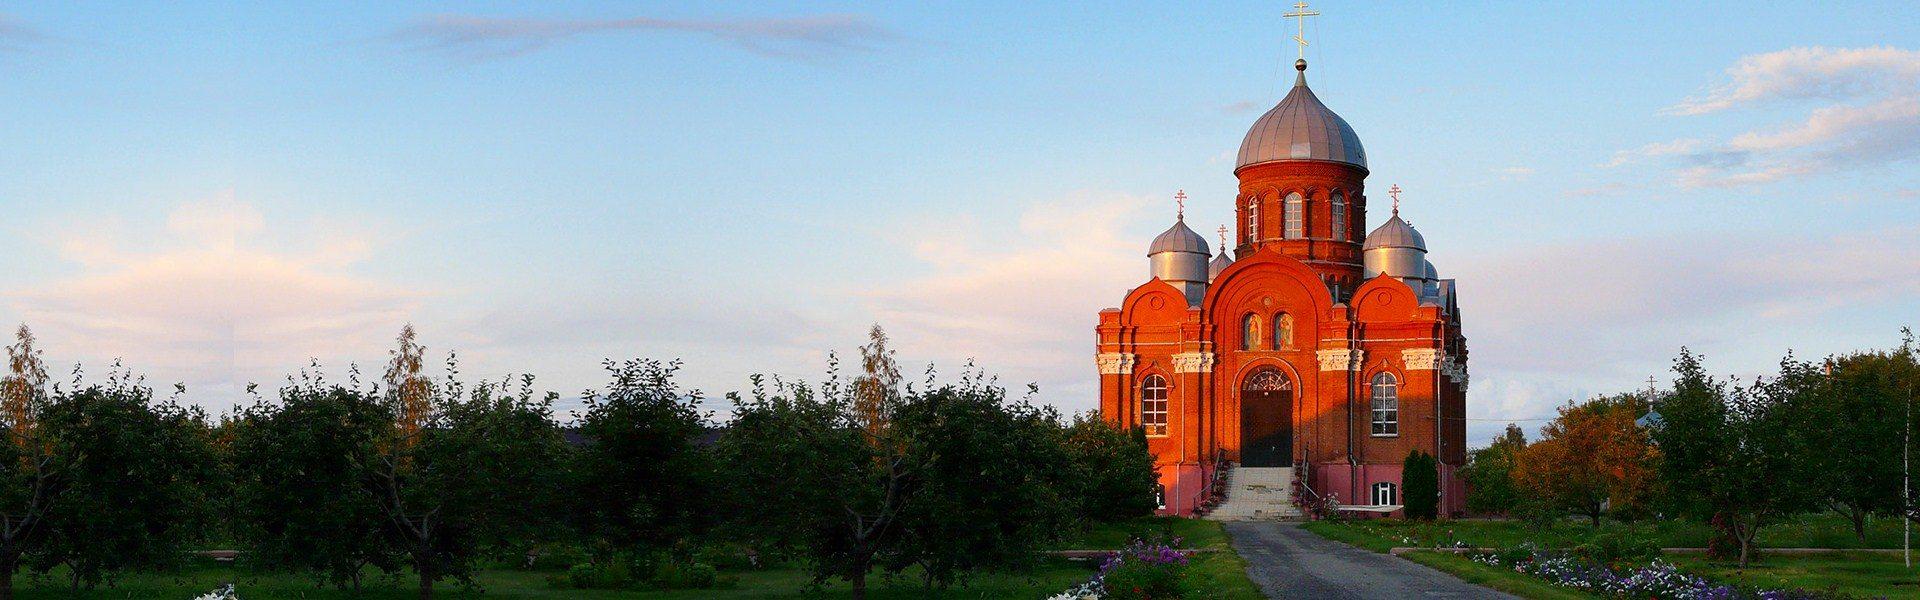 Монастырь Св. Марии Магдалины